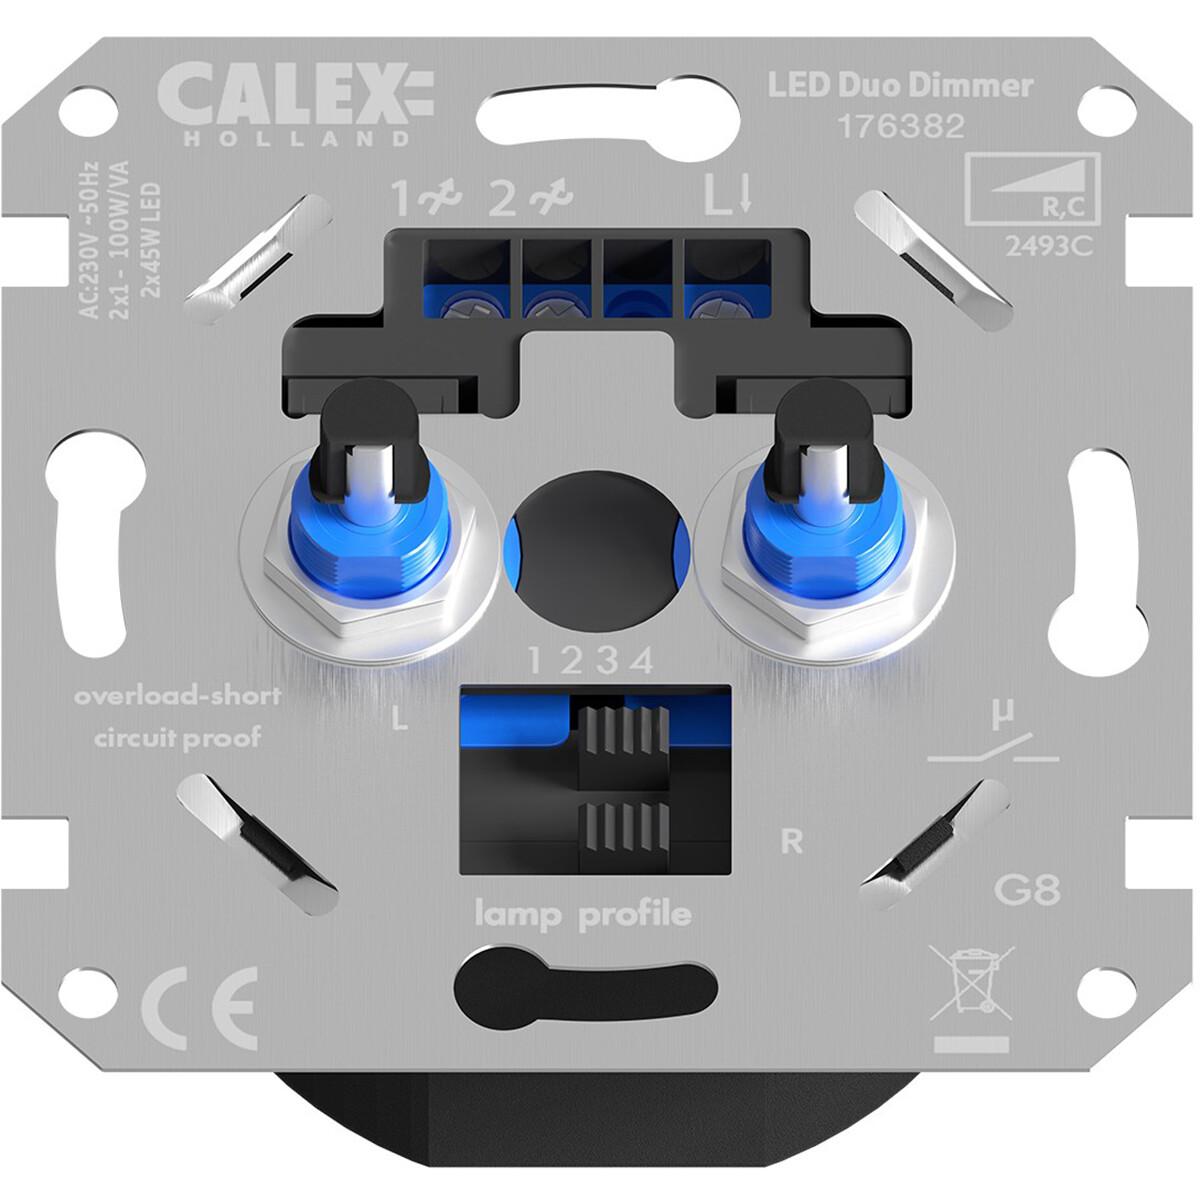 CALEX - LED DUO Dimmer - Dubbele Inbouwdimmer - Dubbel Knop - 3-70W